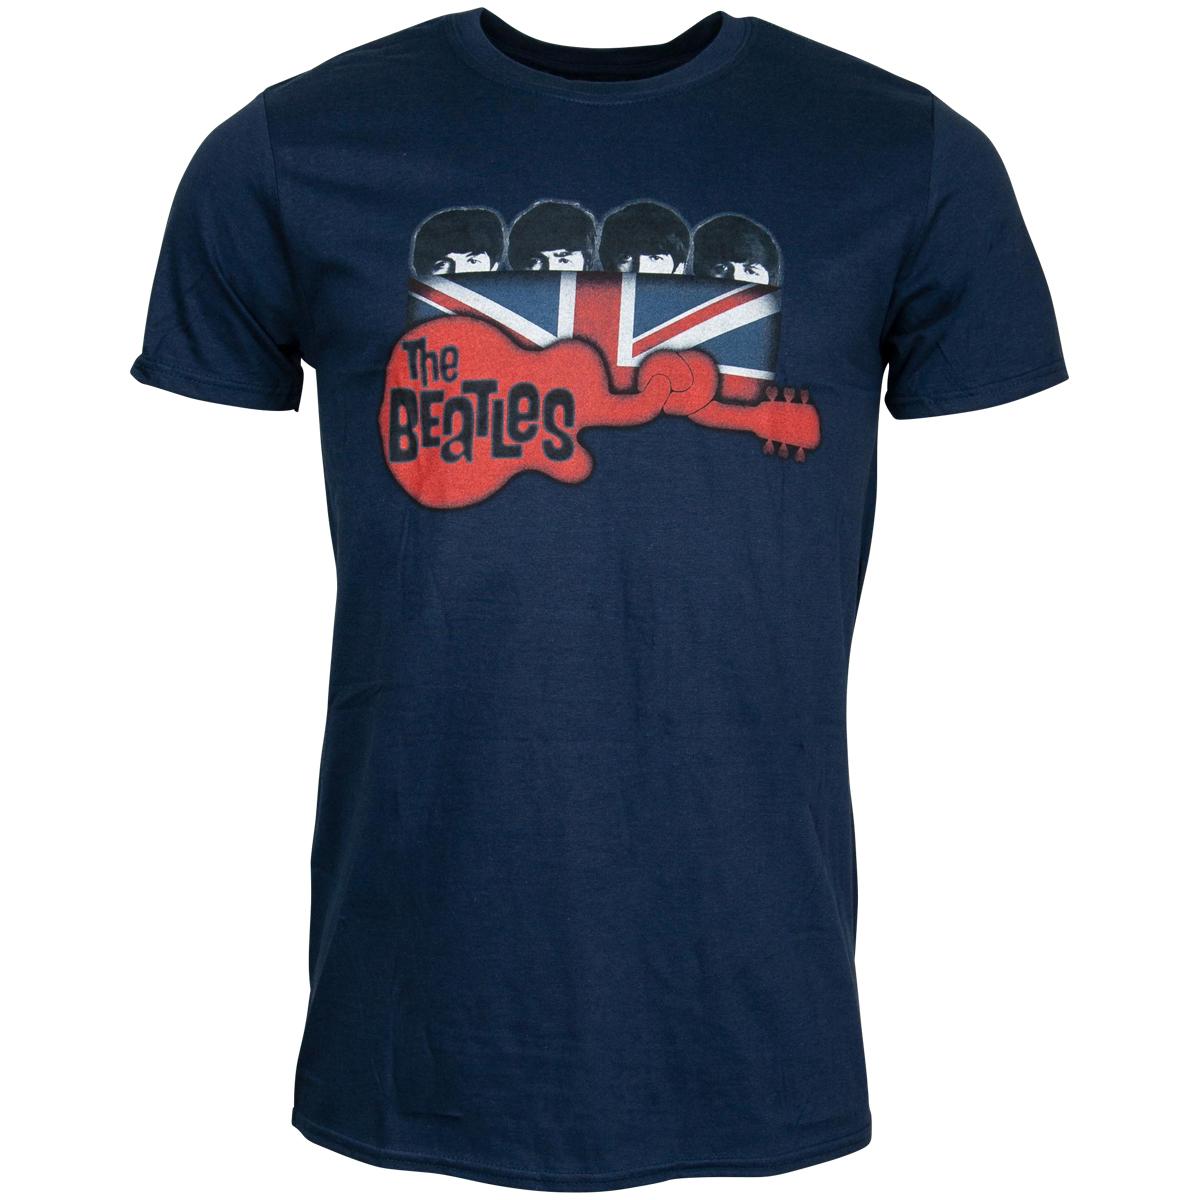 The Beatles - T-Shirt Guitar & Flag - blau